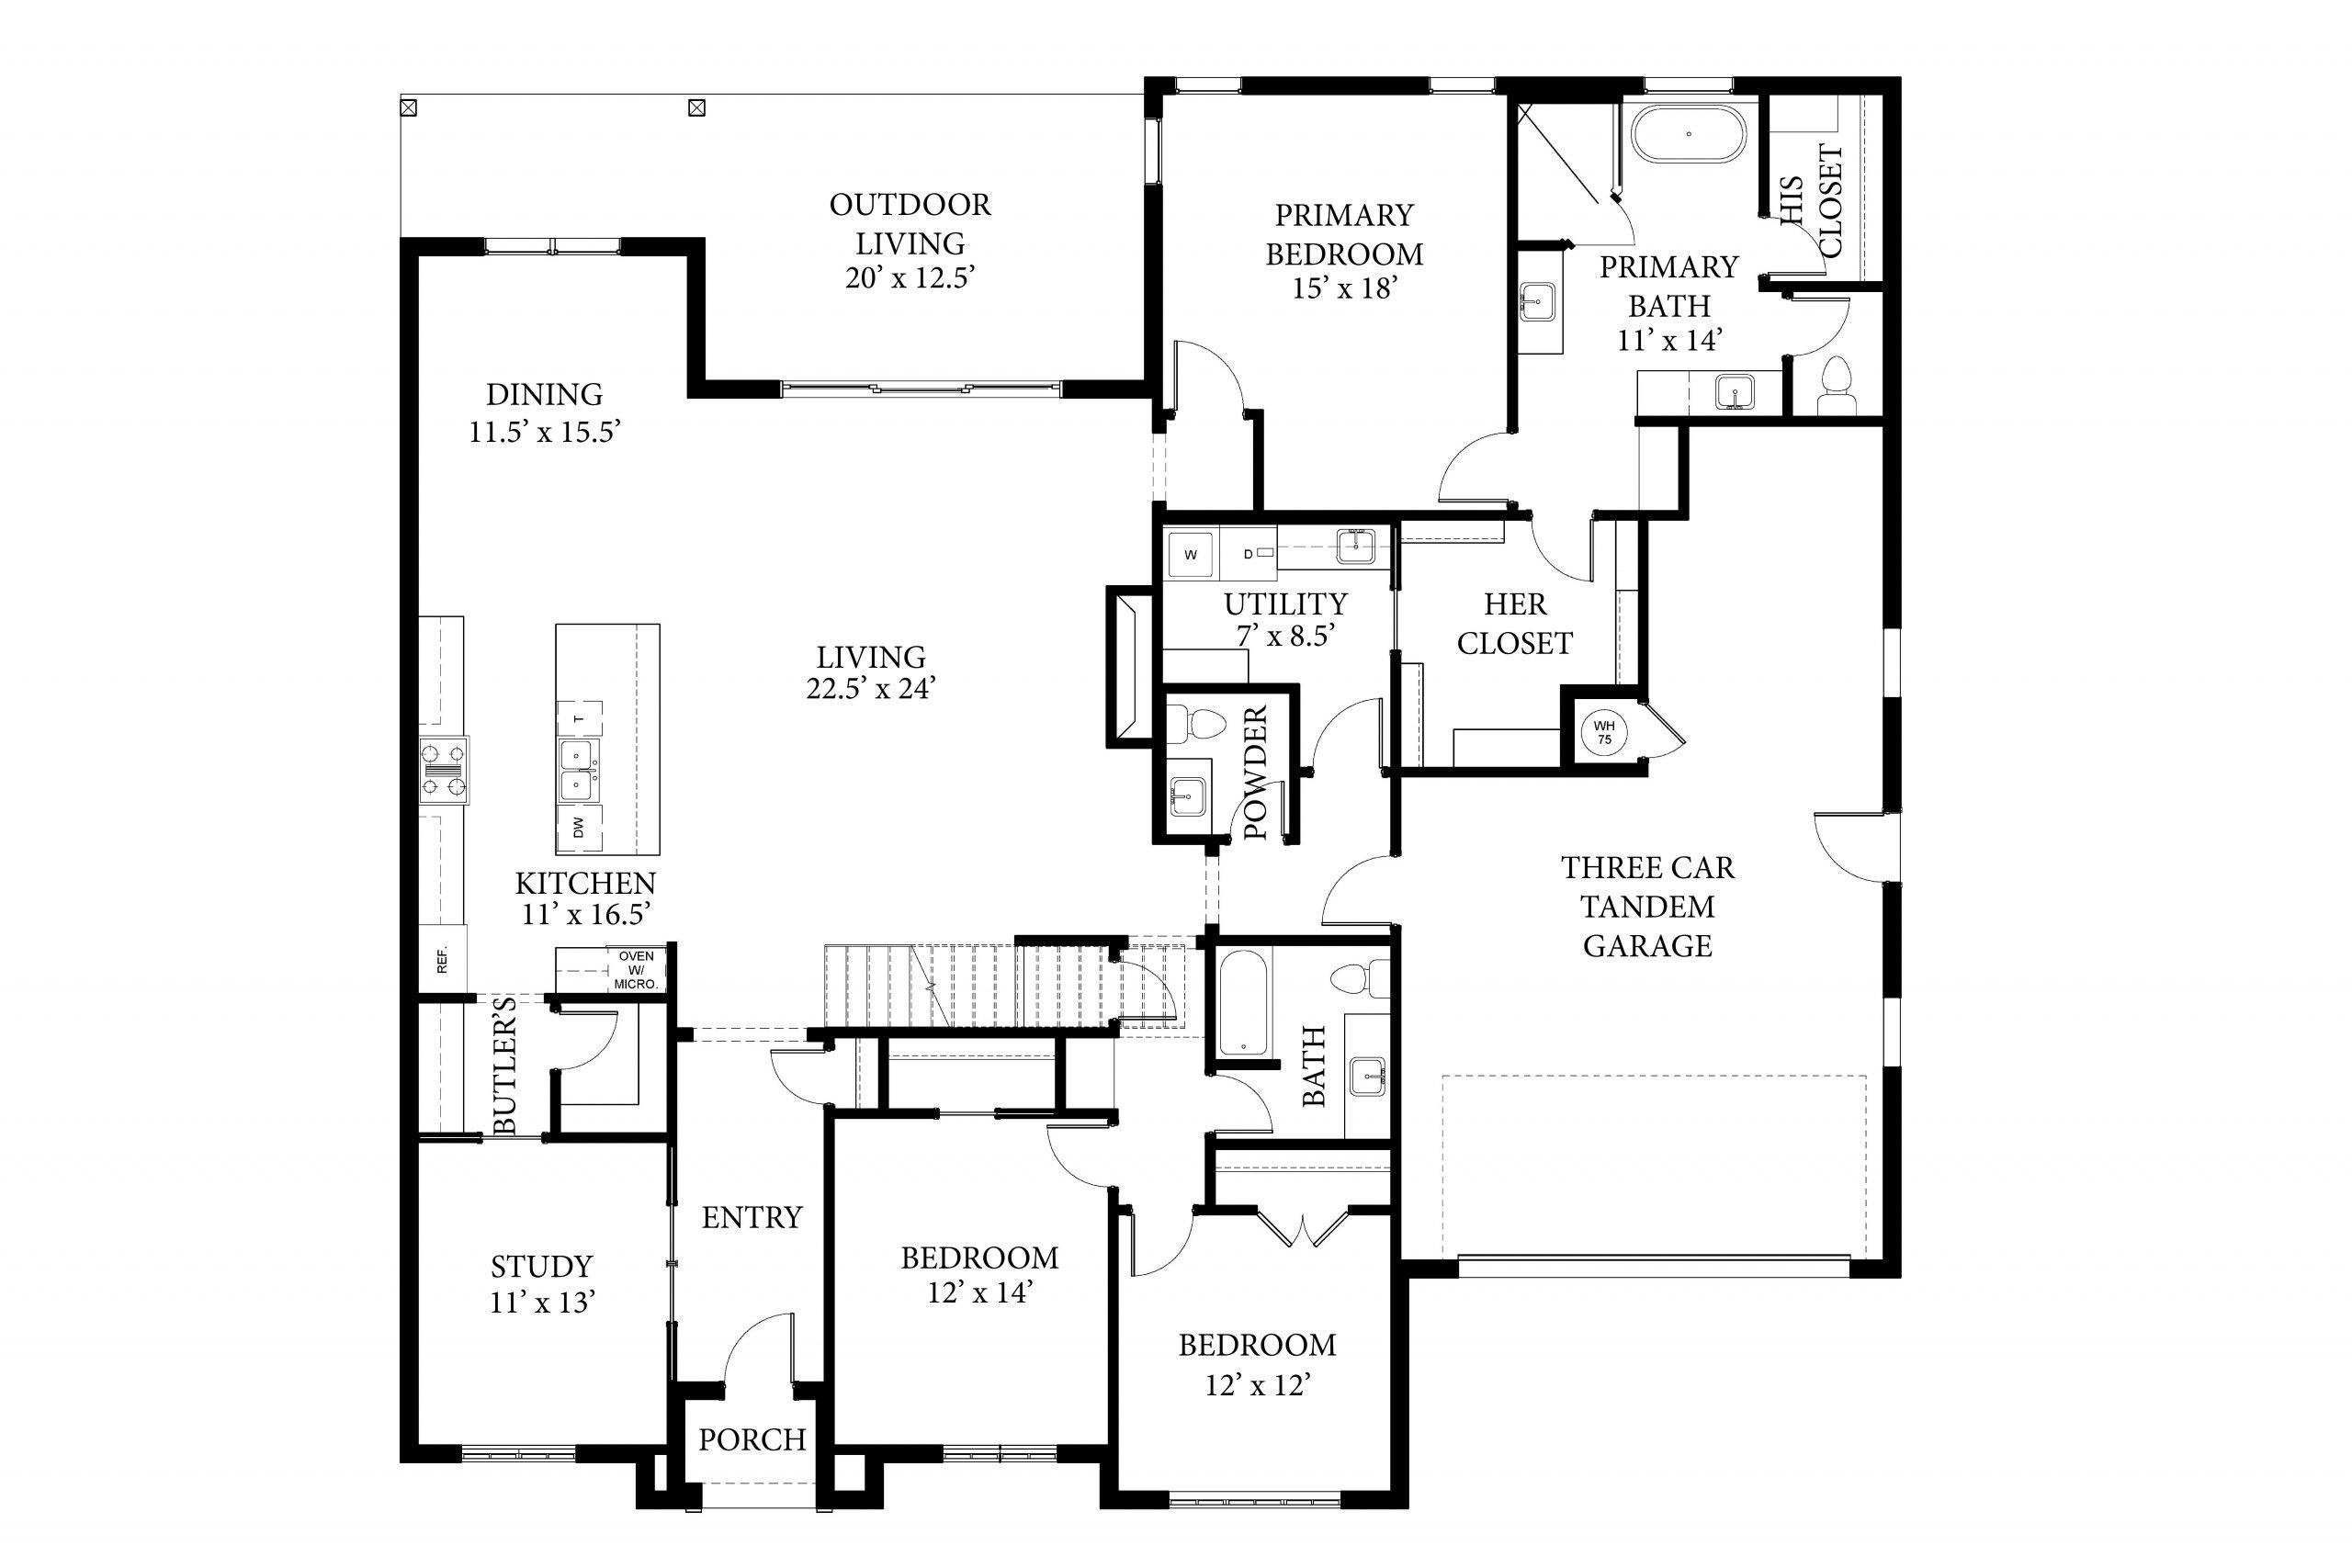 16405 Loire West - Dawson - Floor Plan (1)